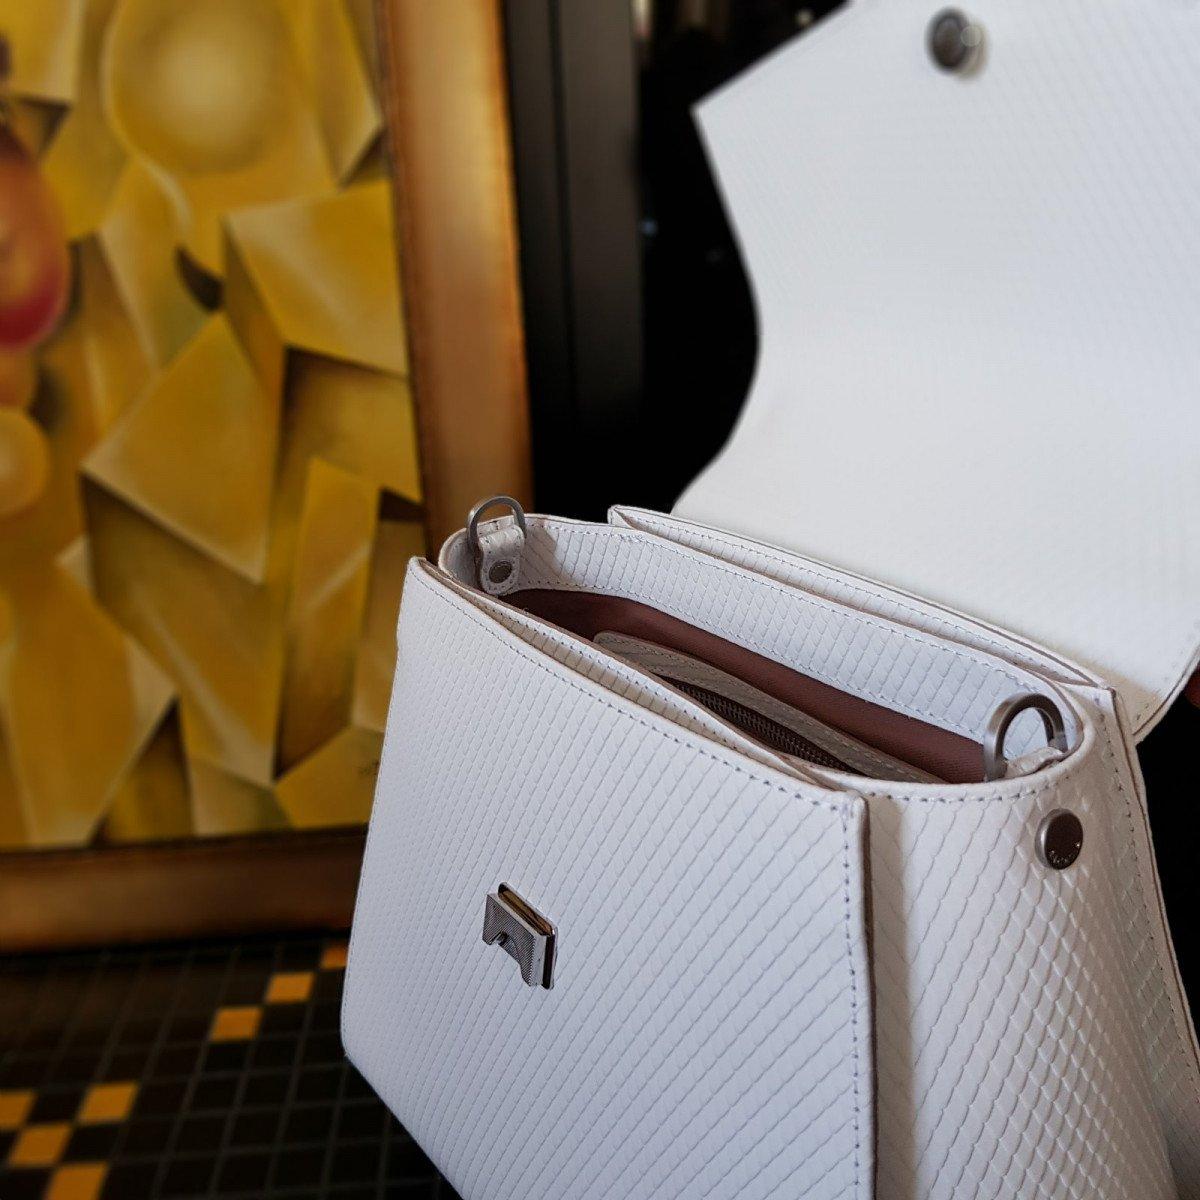 Женская кожаная сумка Arcadia 9190 vip bianco из натуральной кожи